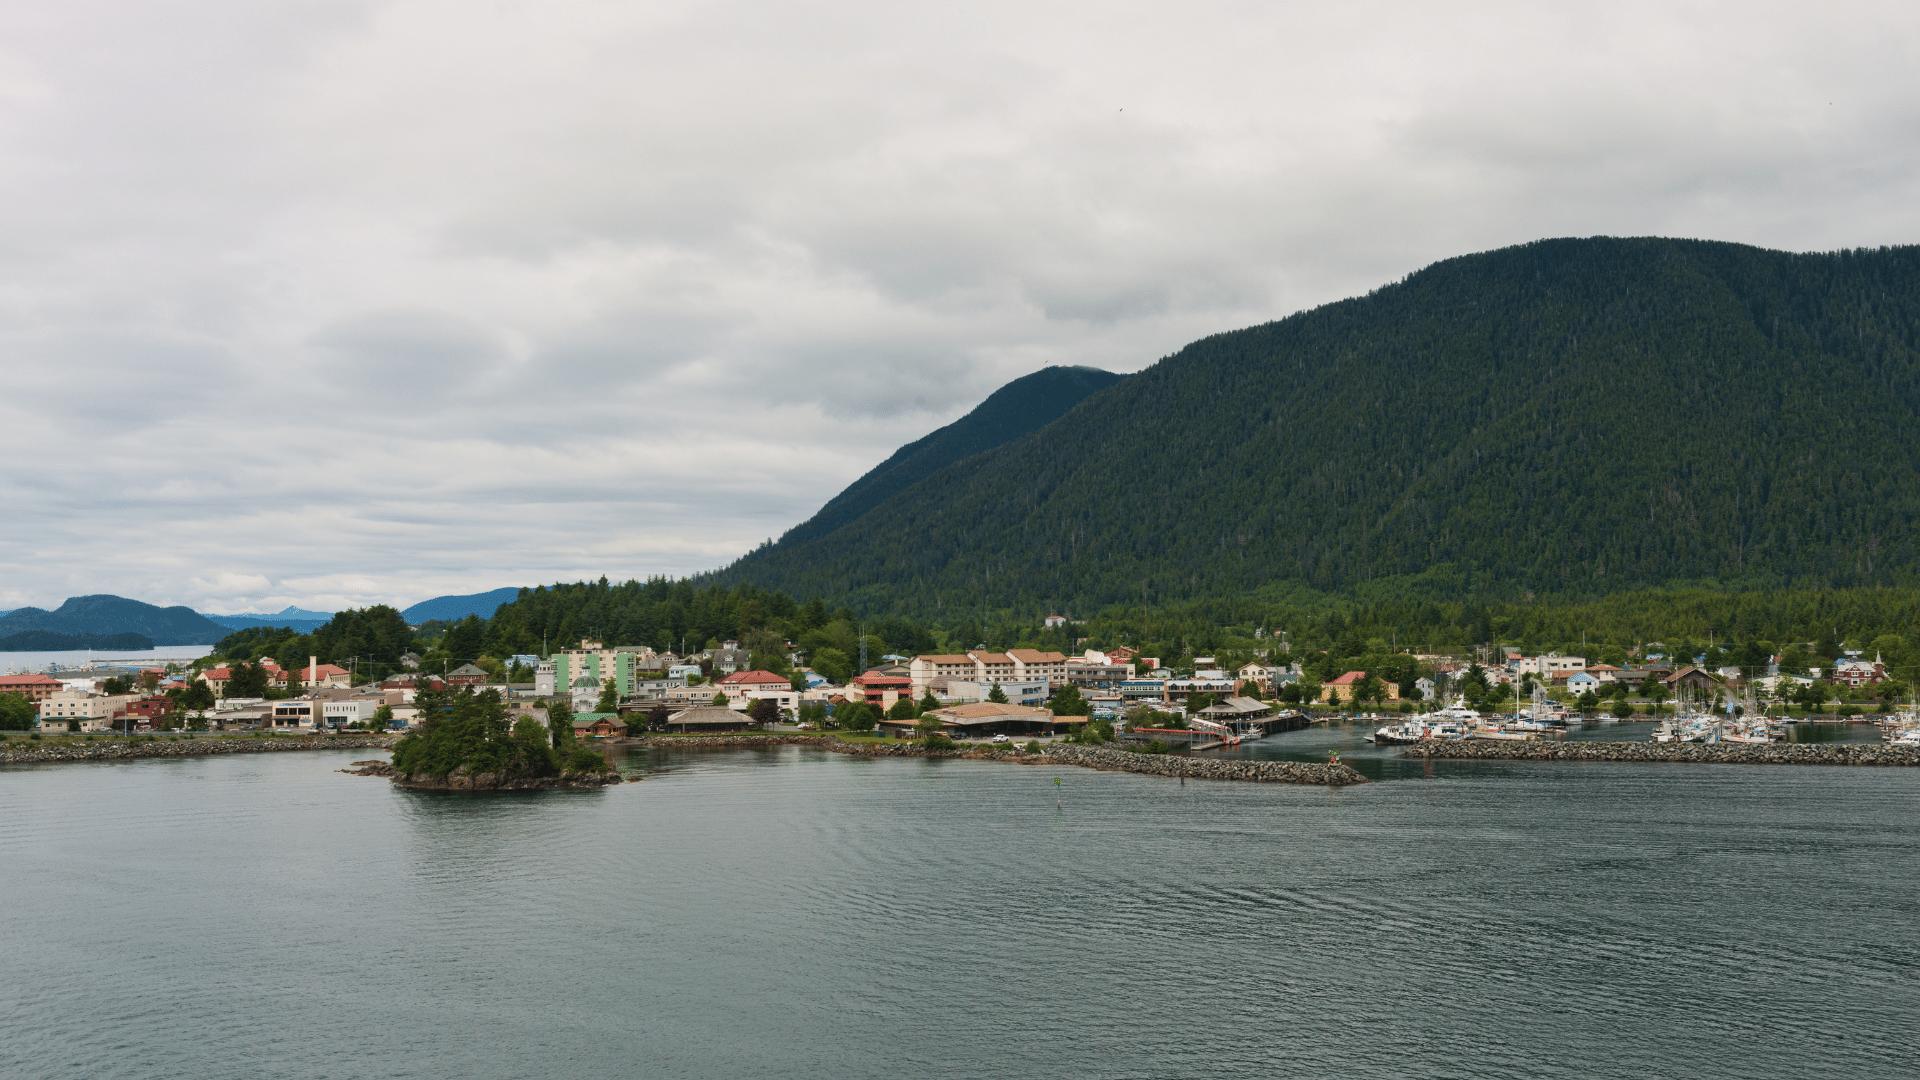 Sitka, Alaska cruising